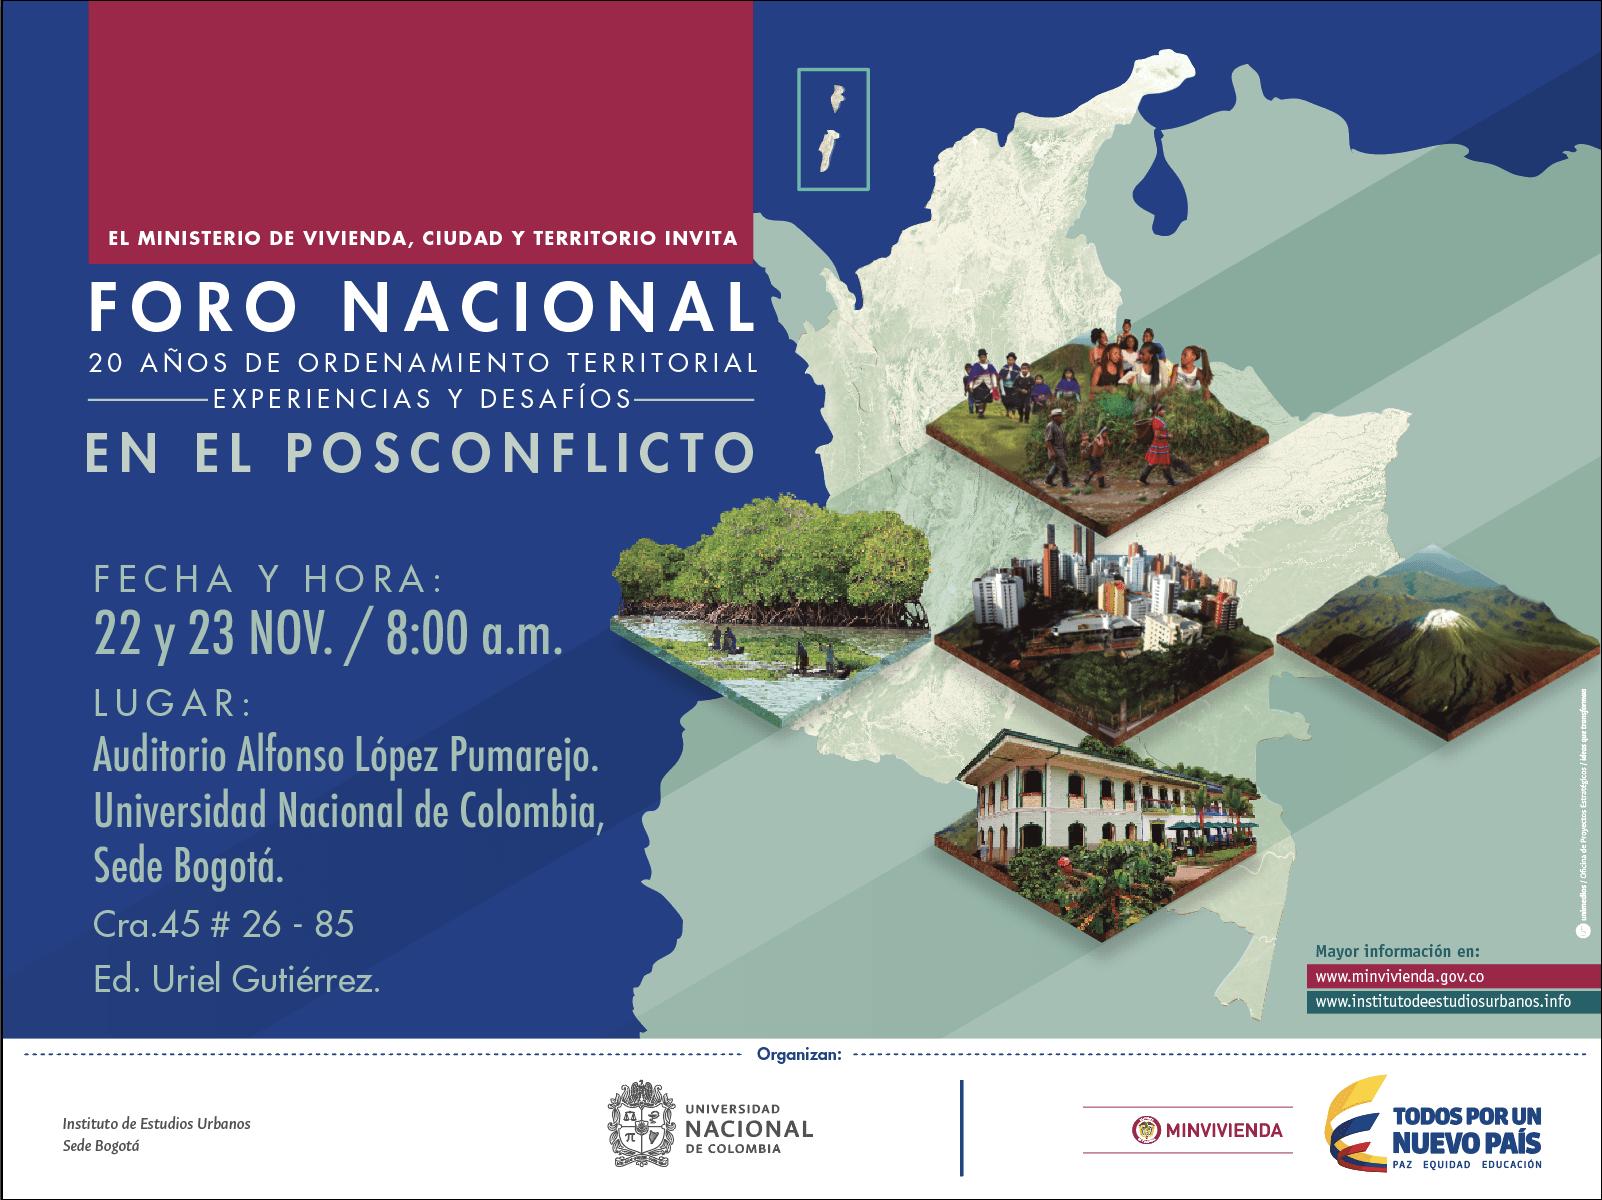 MinVivienda y el IEU invitan al Foro Nacional  20 años de Ordenamiento Territorial -Experiencias y Desafíos-  en el Posconflicto